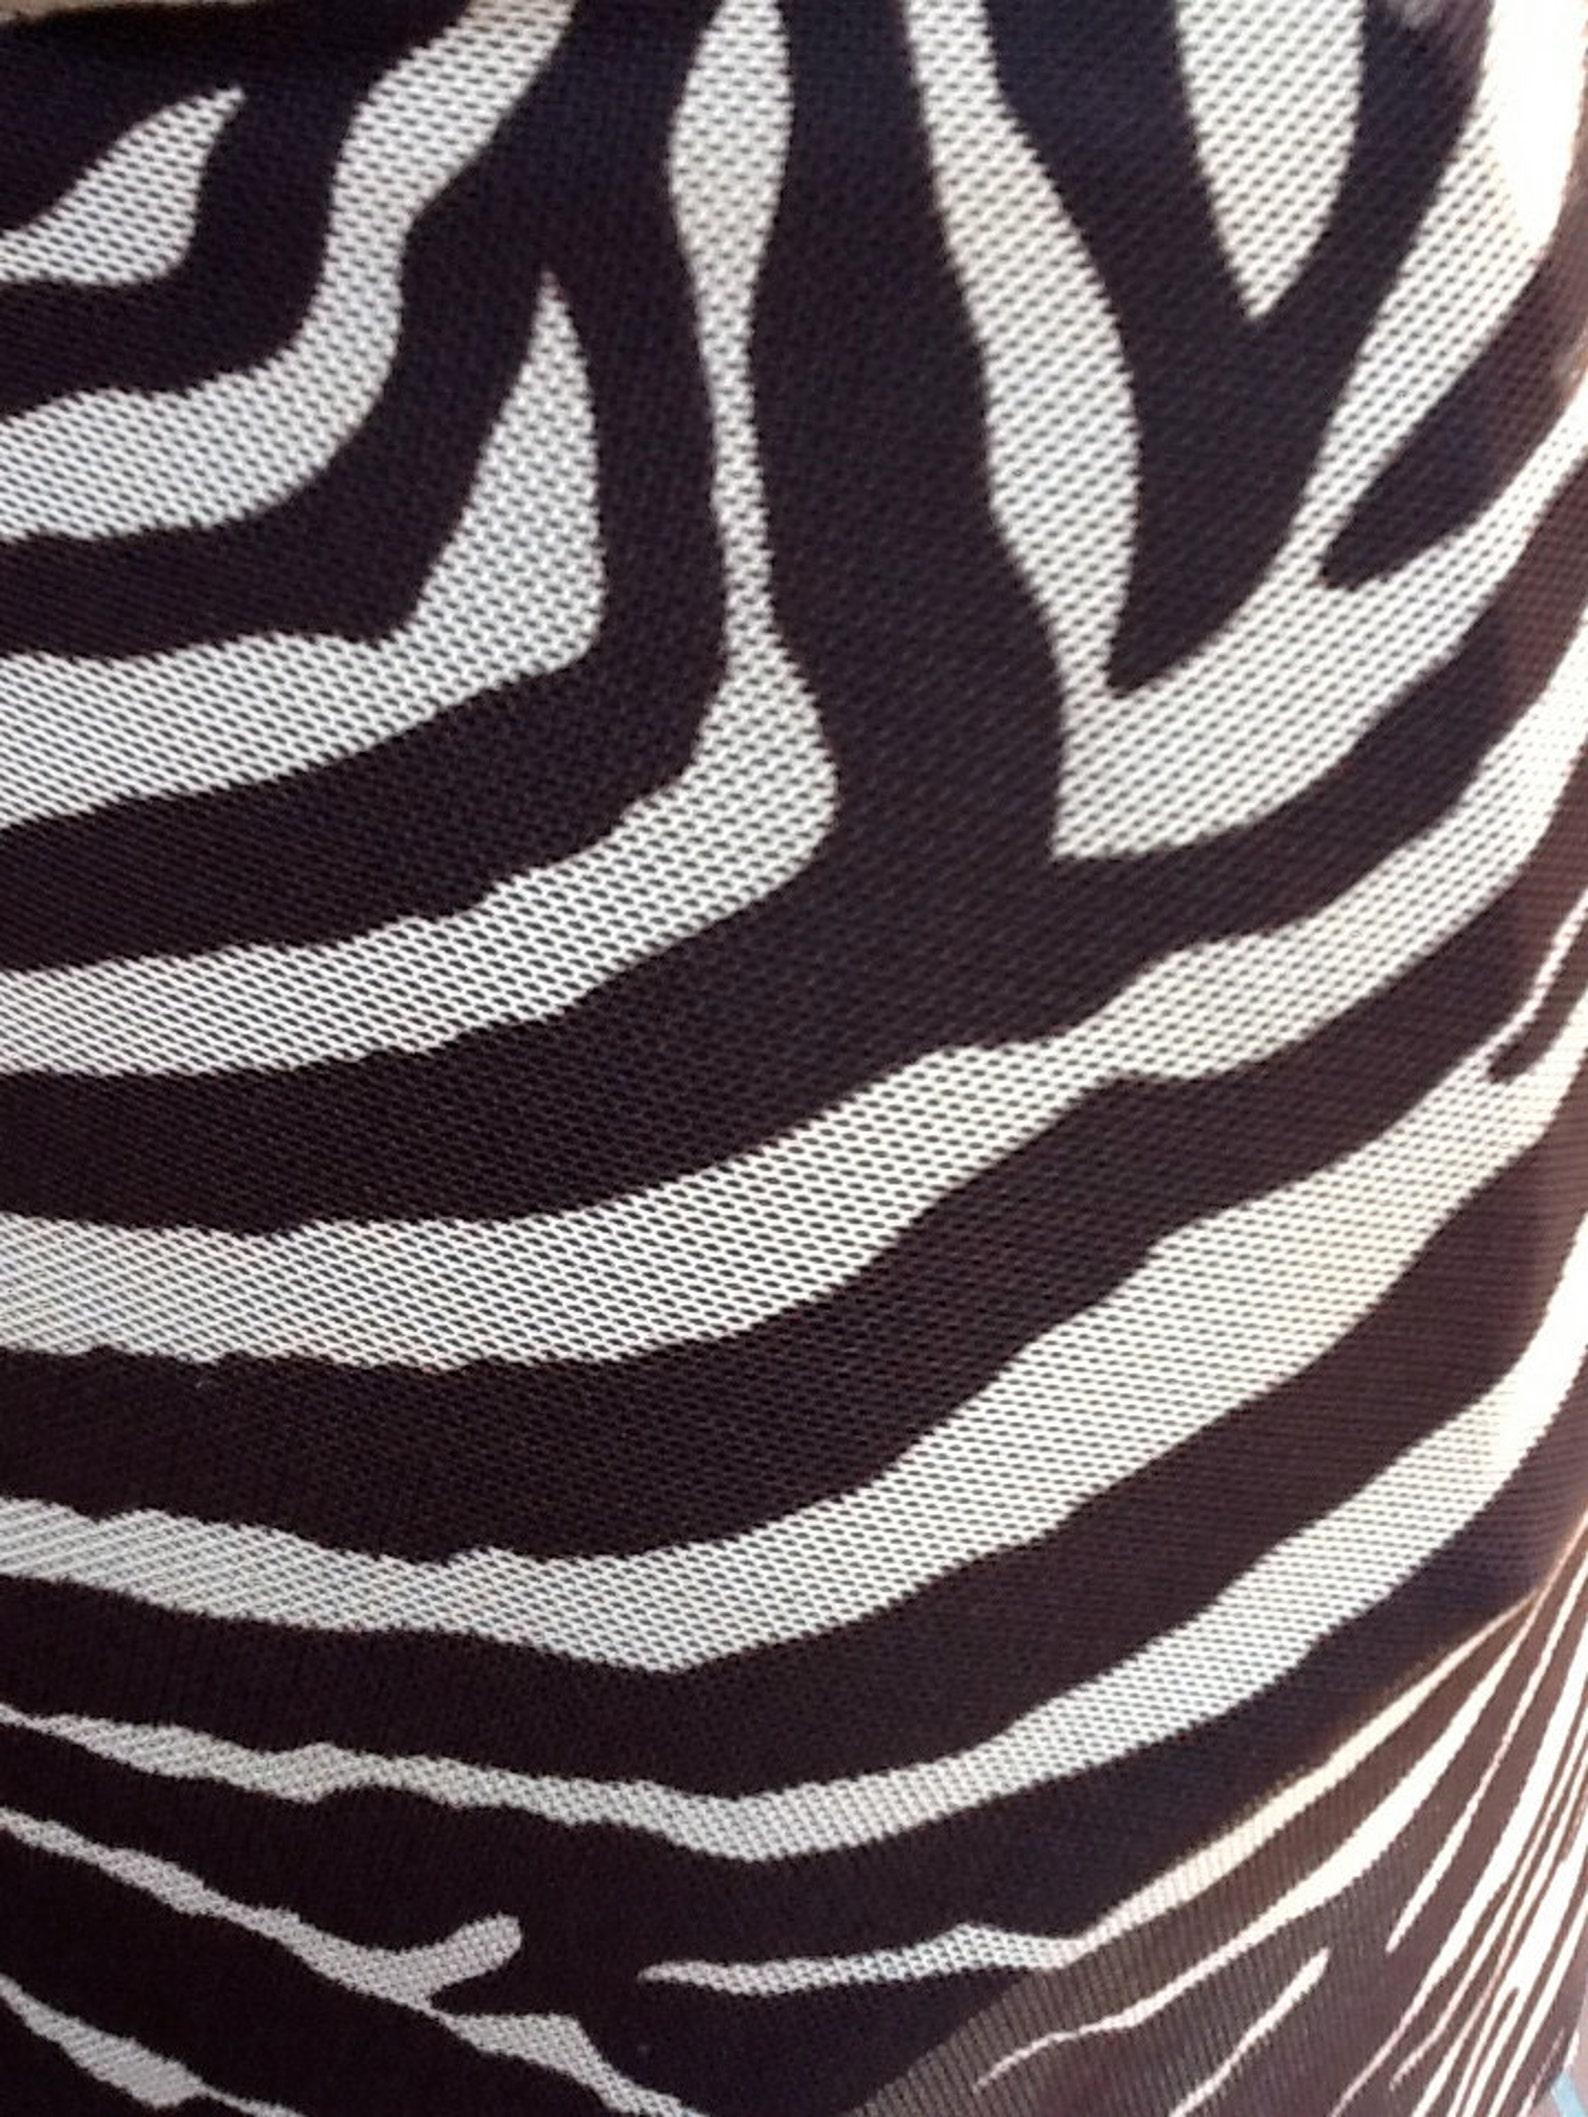 NEUE Tanz/Ballett kurz Wrap Rock in nackt und braun Zebra